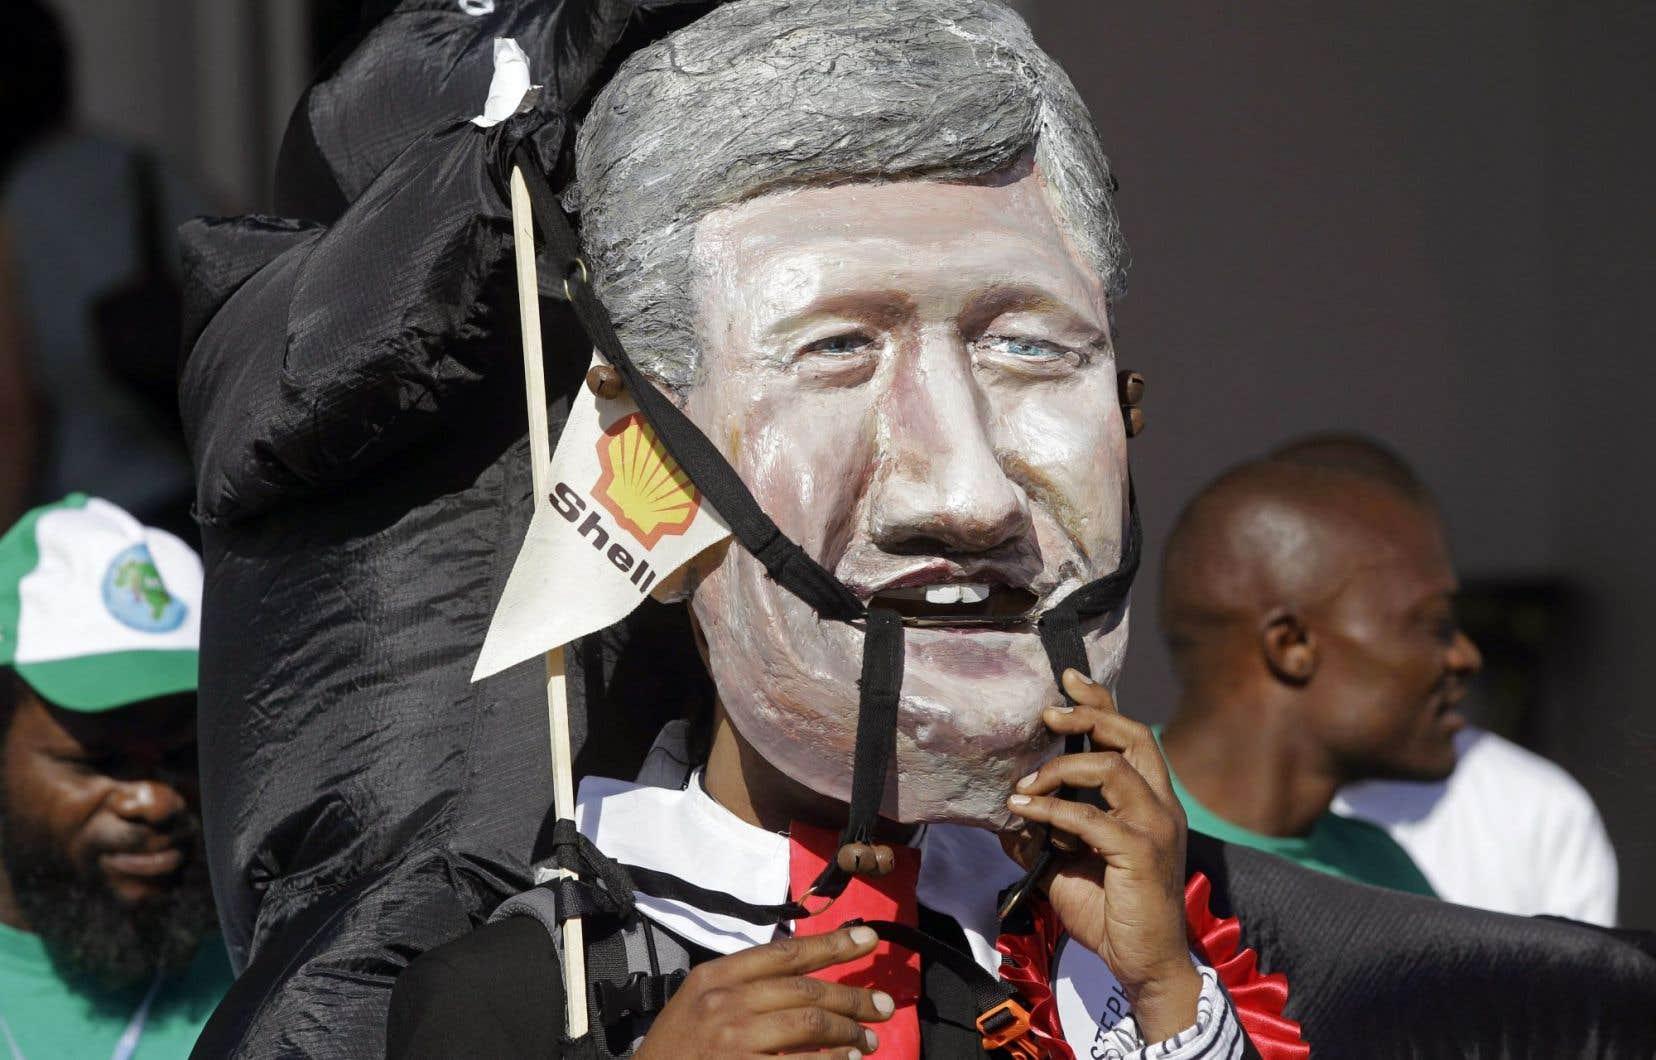 Critiqué de longue date pour ses positions environnementales, Stephen Harper a admis lundi avoir d'autres priorités que de se rendre au Sommet sur le climat. Ci-dessus, un manifestant arborant une tête de Harper en papier mâché au Sommet de Durban, en 2011.